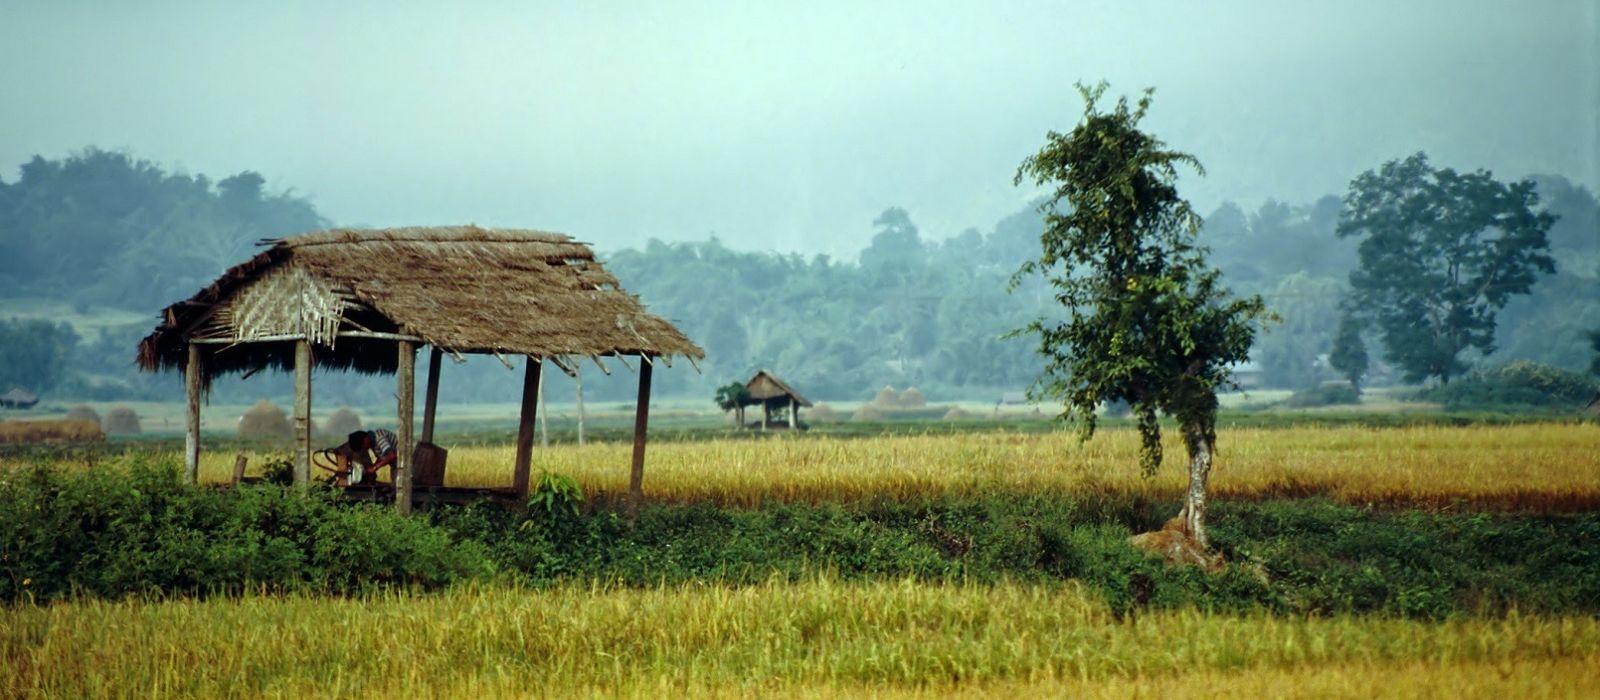 Secret Treasures of Myanmar Tour Trip 4